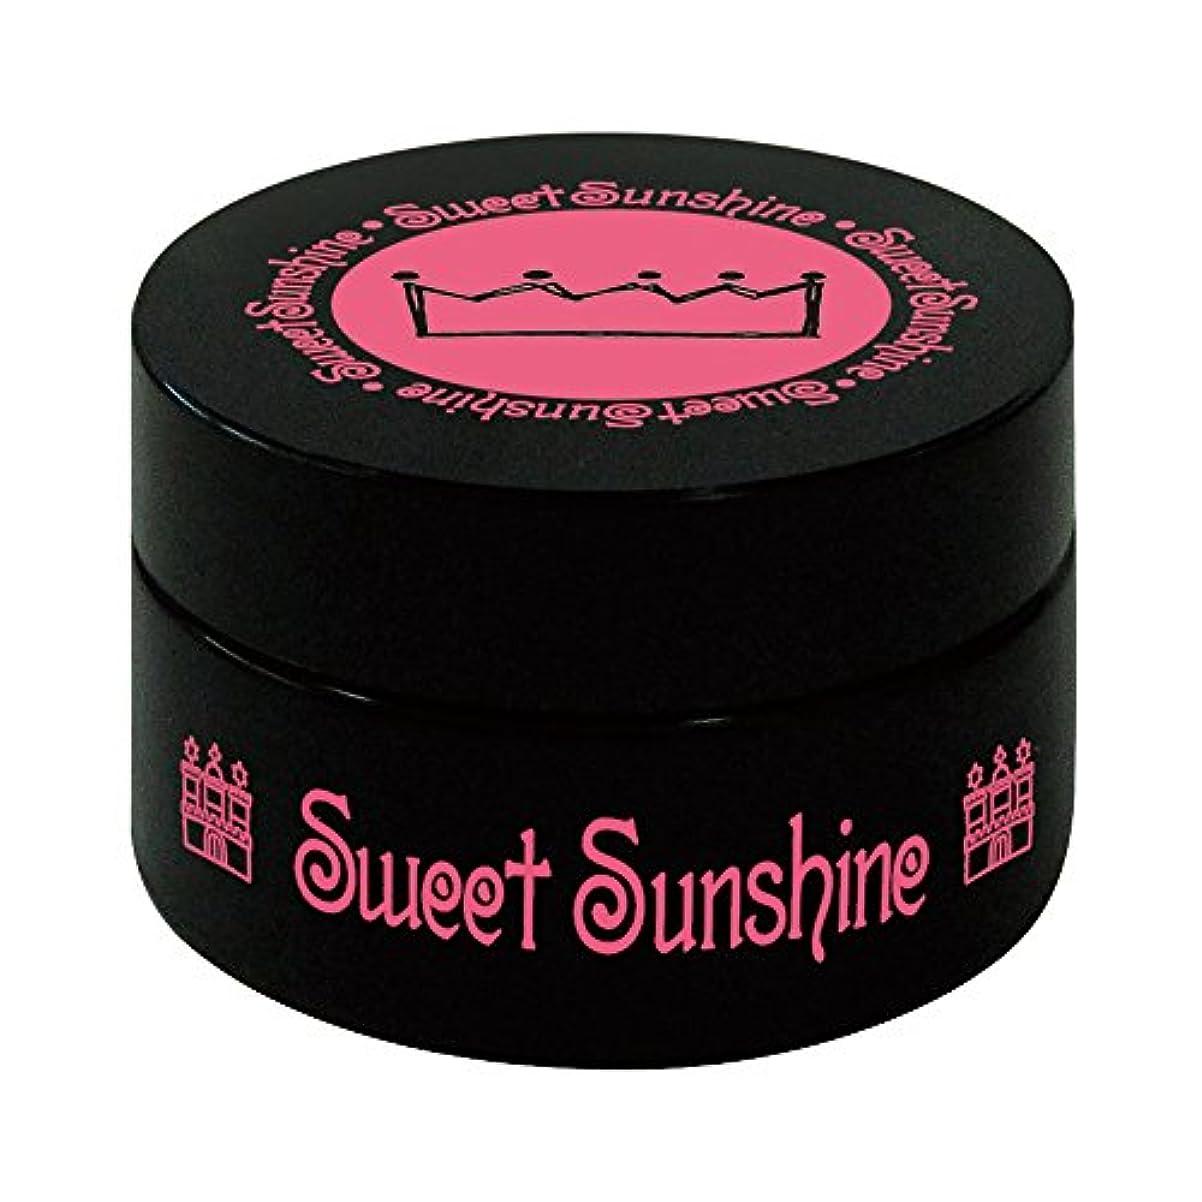 マートうぬぼれた保証金最速硬化LED対応 Sweet Sunshine スィート サンシャイン カラージェル NS-6 4g ダスティシーダー